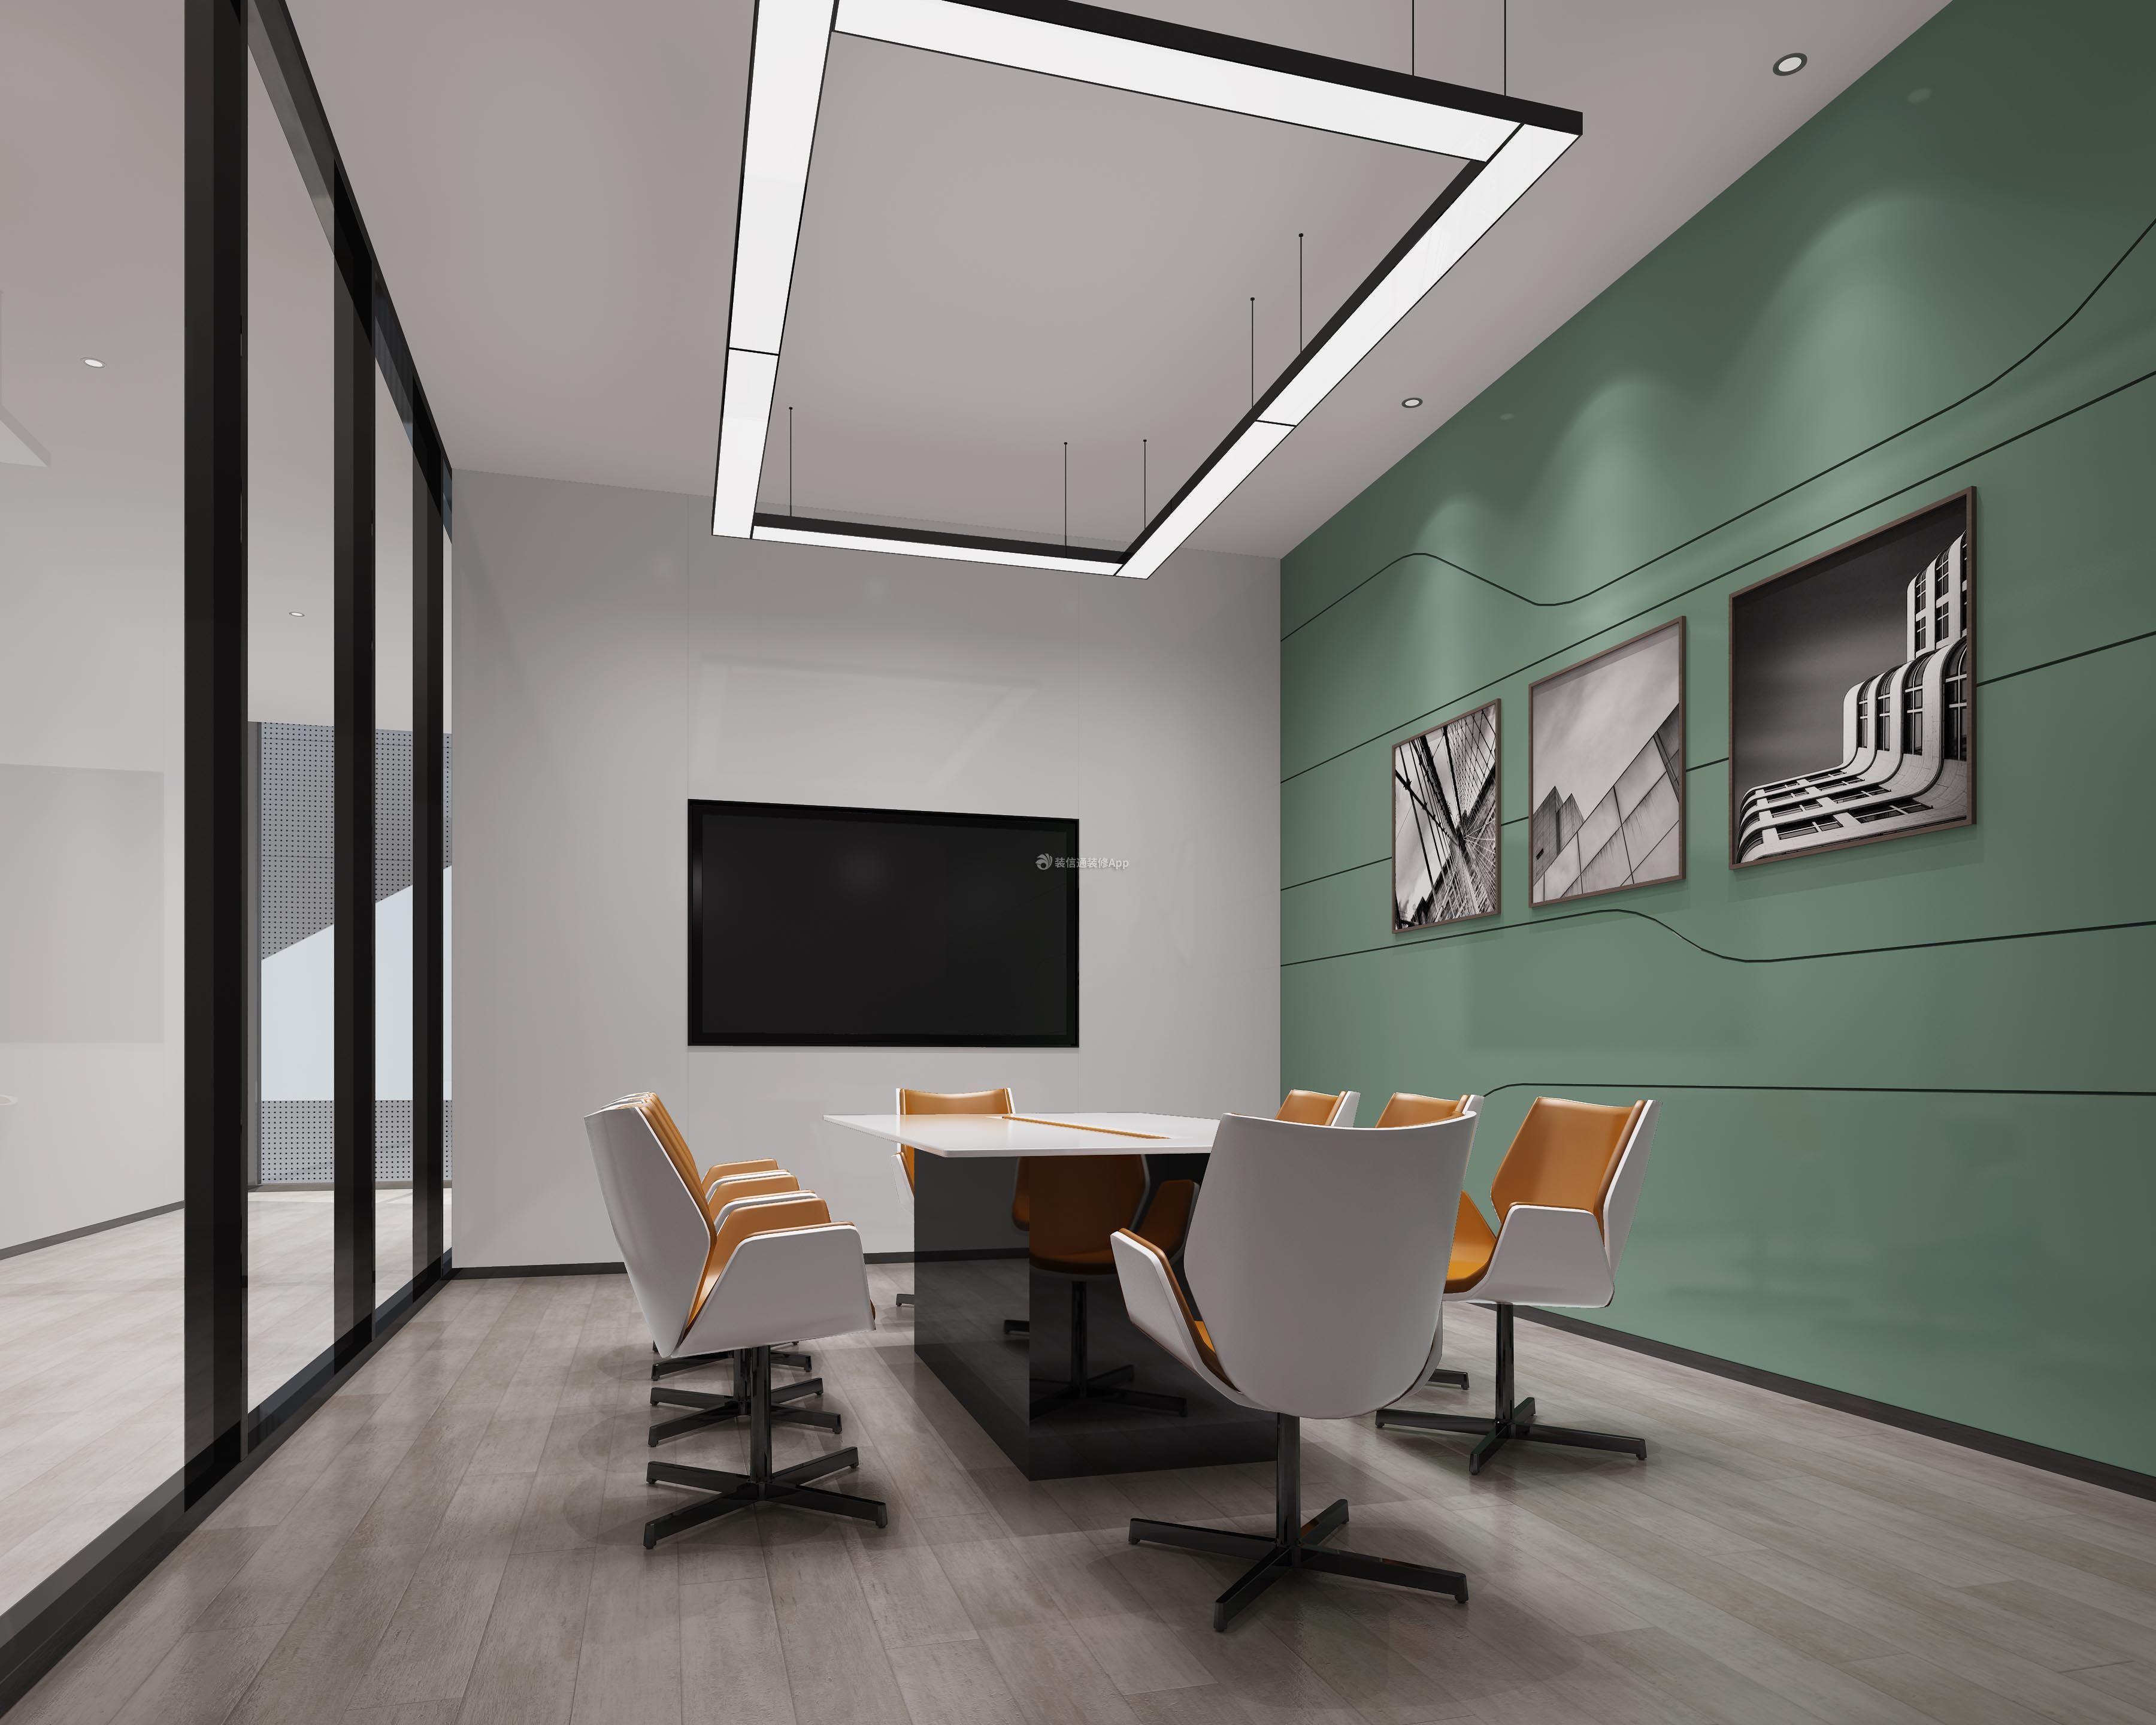 贝斯特现代简约风格办公室装修设计效果图